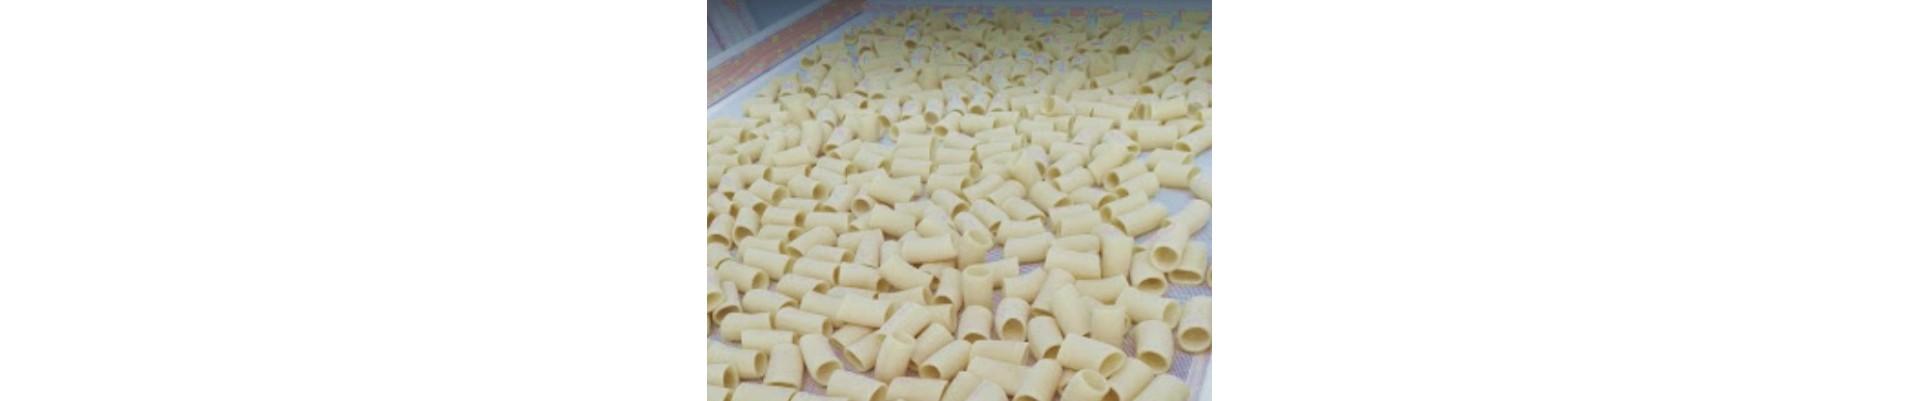 Pasta artigianale di solo grano duro siciliano da filiera certificata